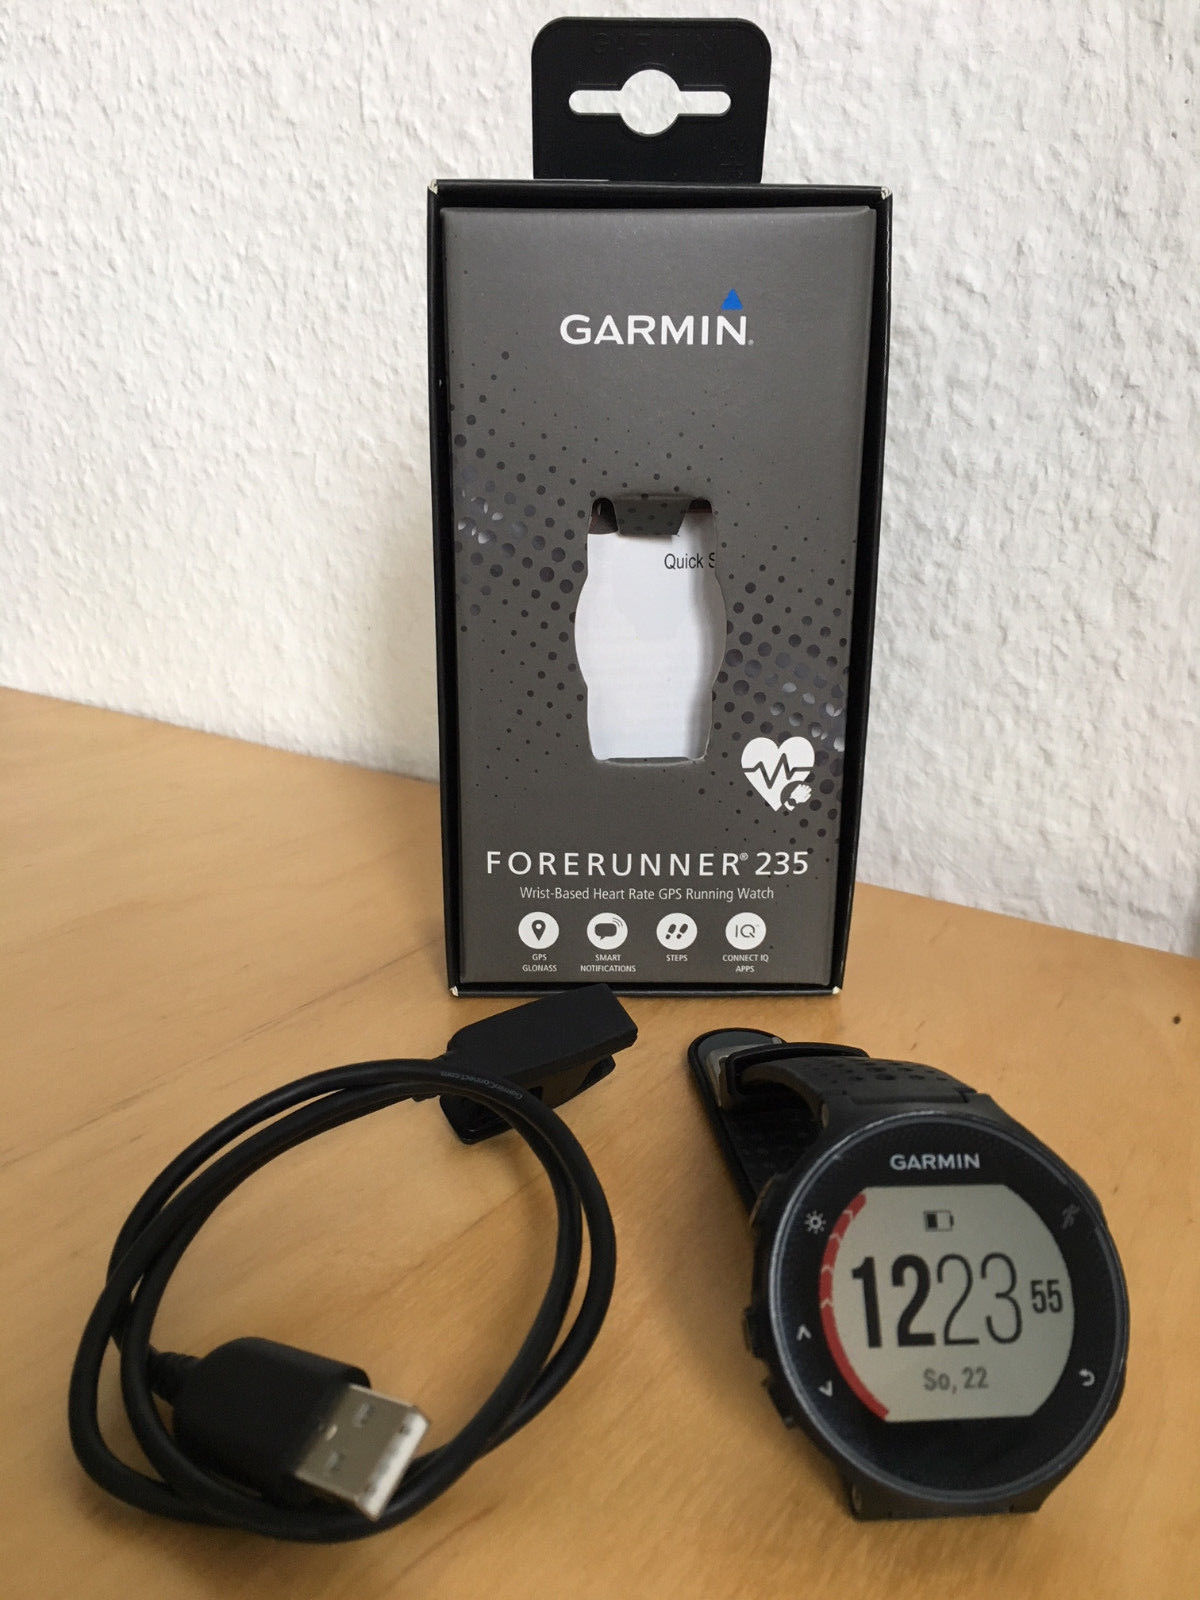 Garmin Forerunner 235 WHR Laufuhr - Herzfrequenzmessung am Handgelenk